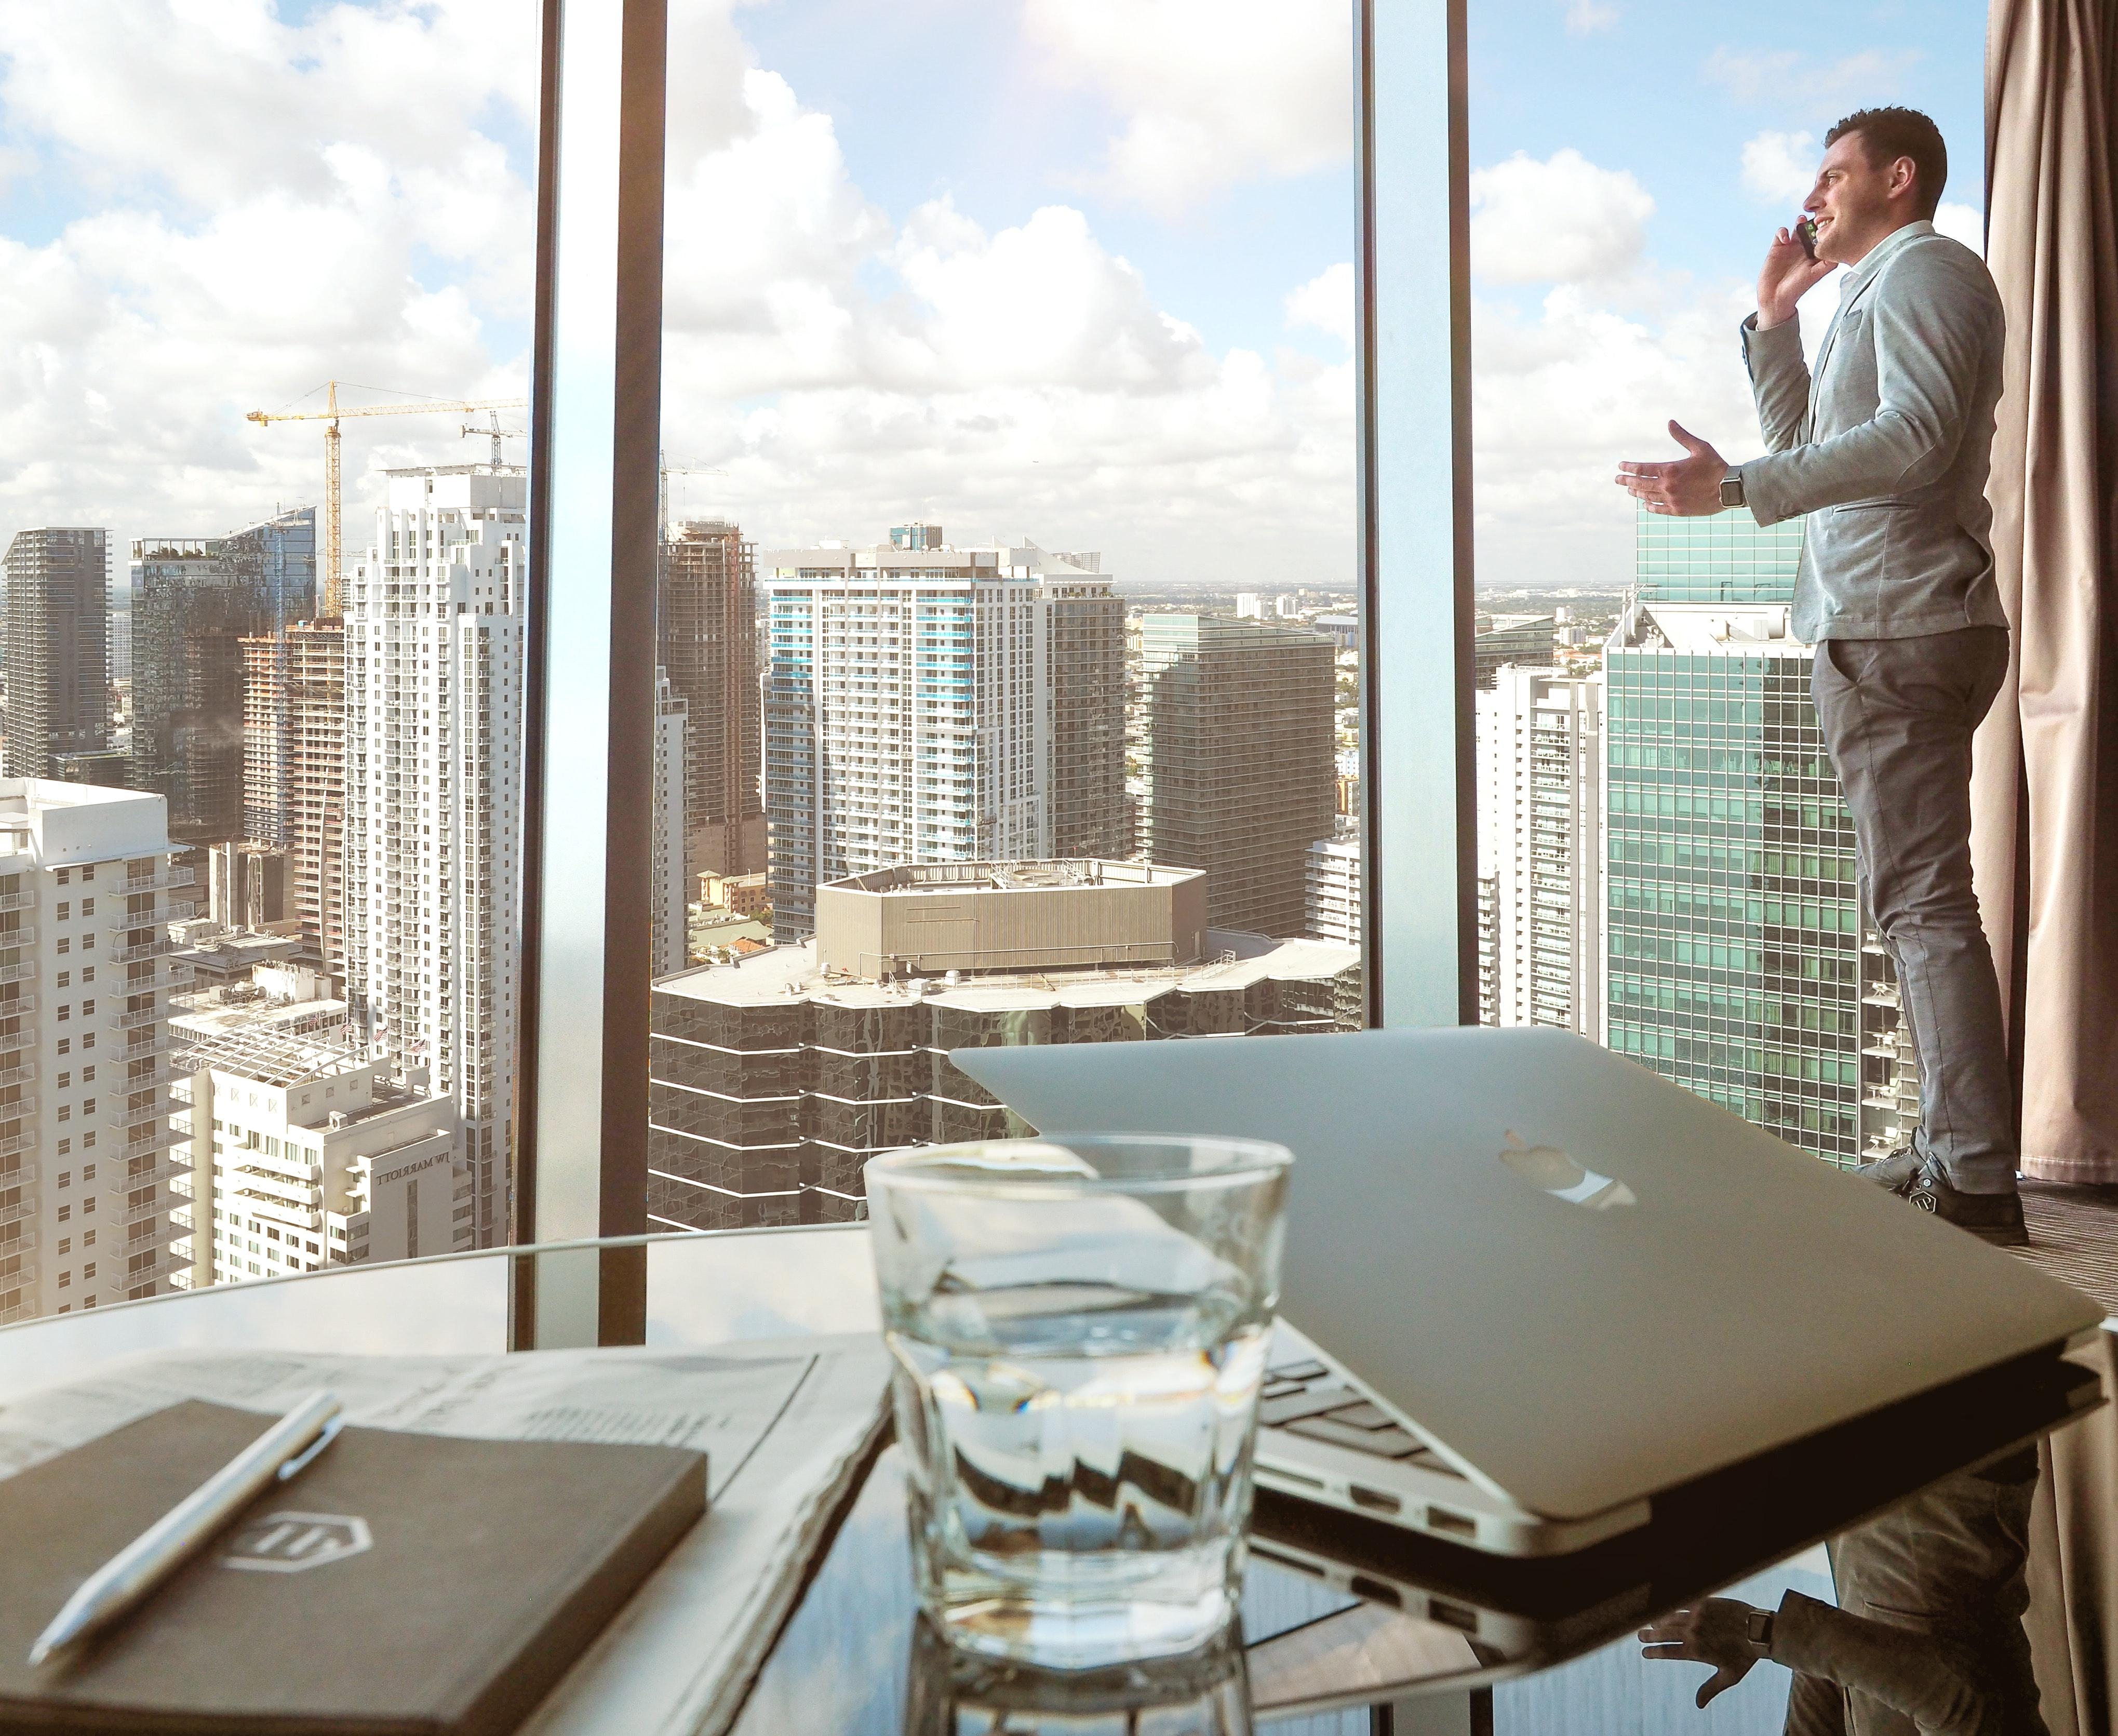 5 ventajas de trabajar en seguros